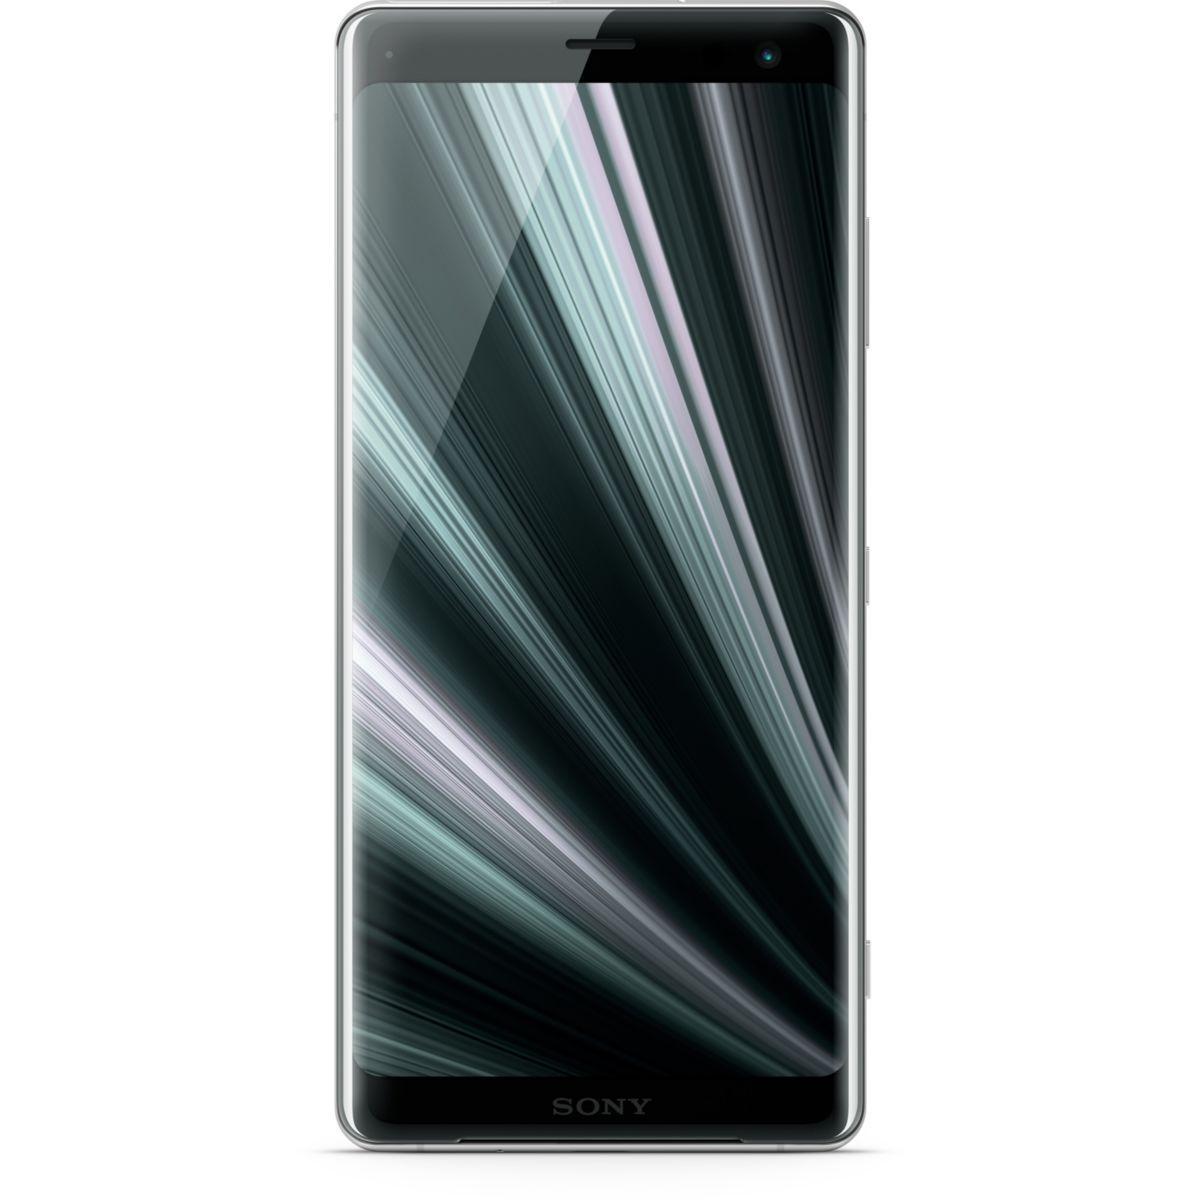 Smartphone sony xperia xz3 silver